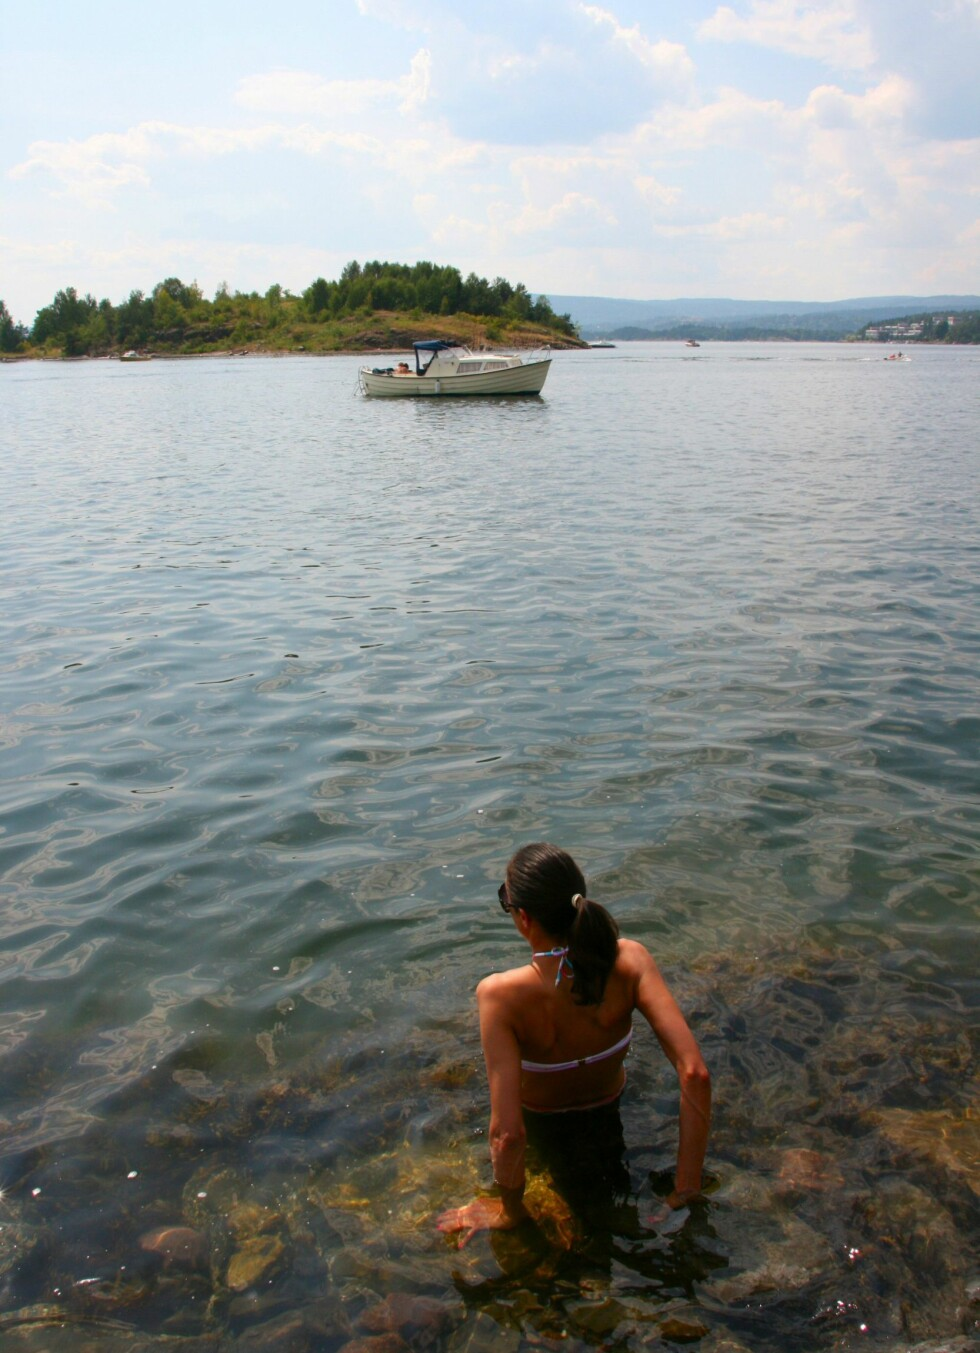 Til og med hun som ALDRI bader hvis vannet ikke er turkisblått og klart, måtte åle seg uti når kvikksølvet målte 32 grader. I vannet var det 24 grader. Foto: Stine Okkelmo